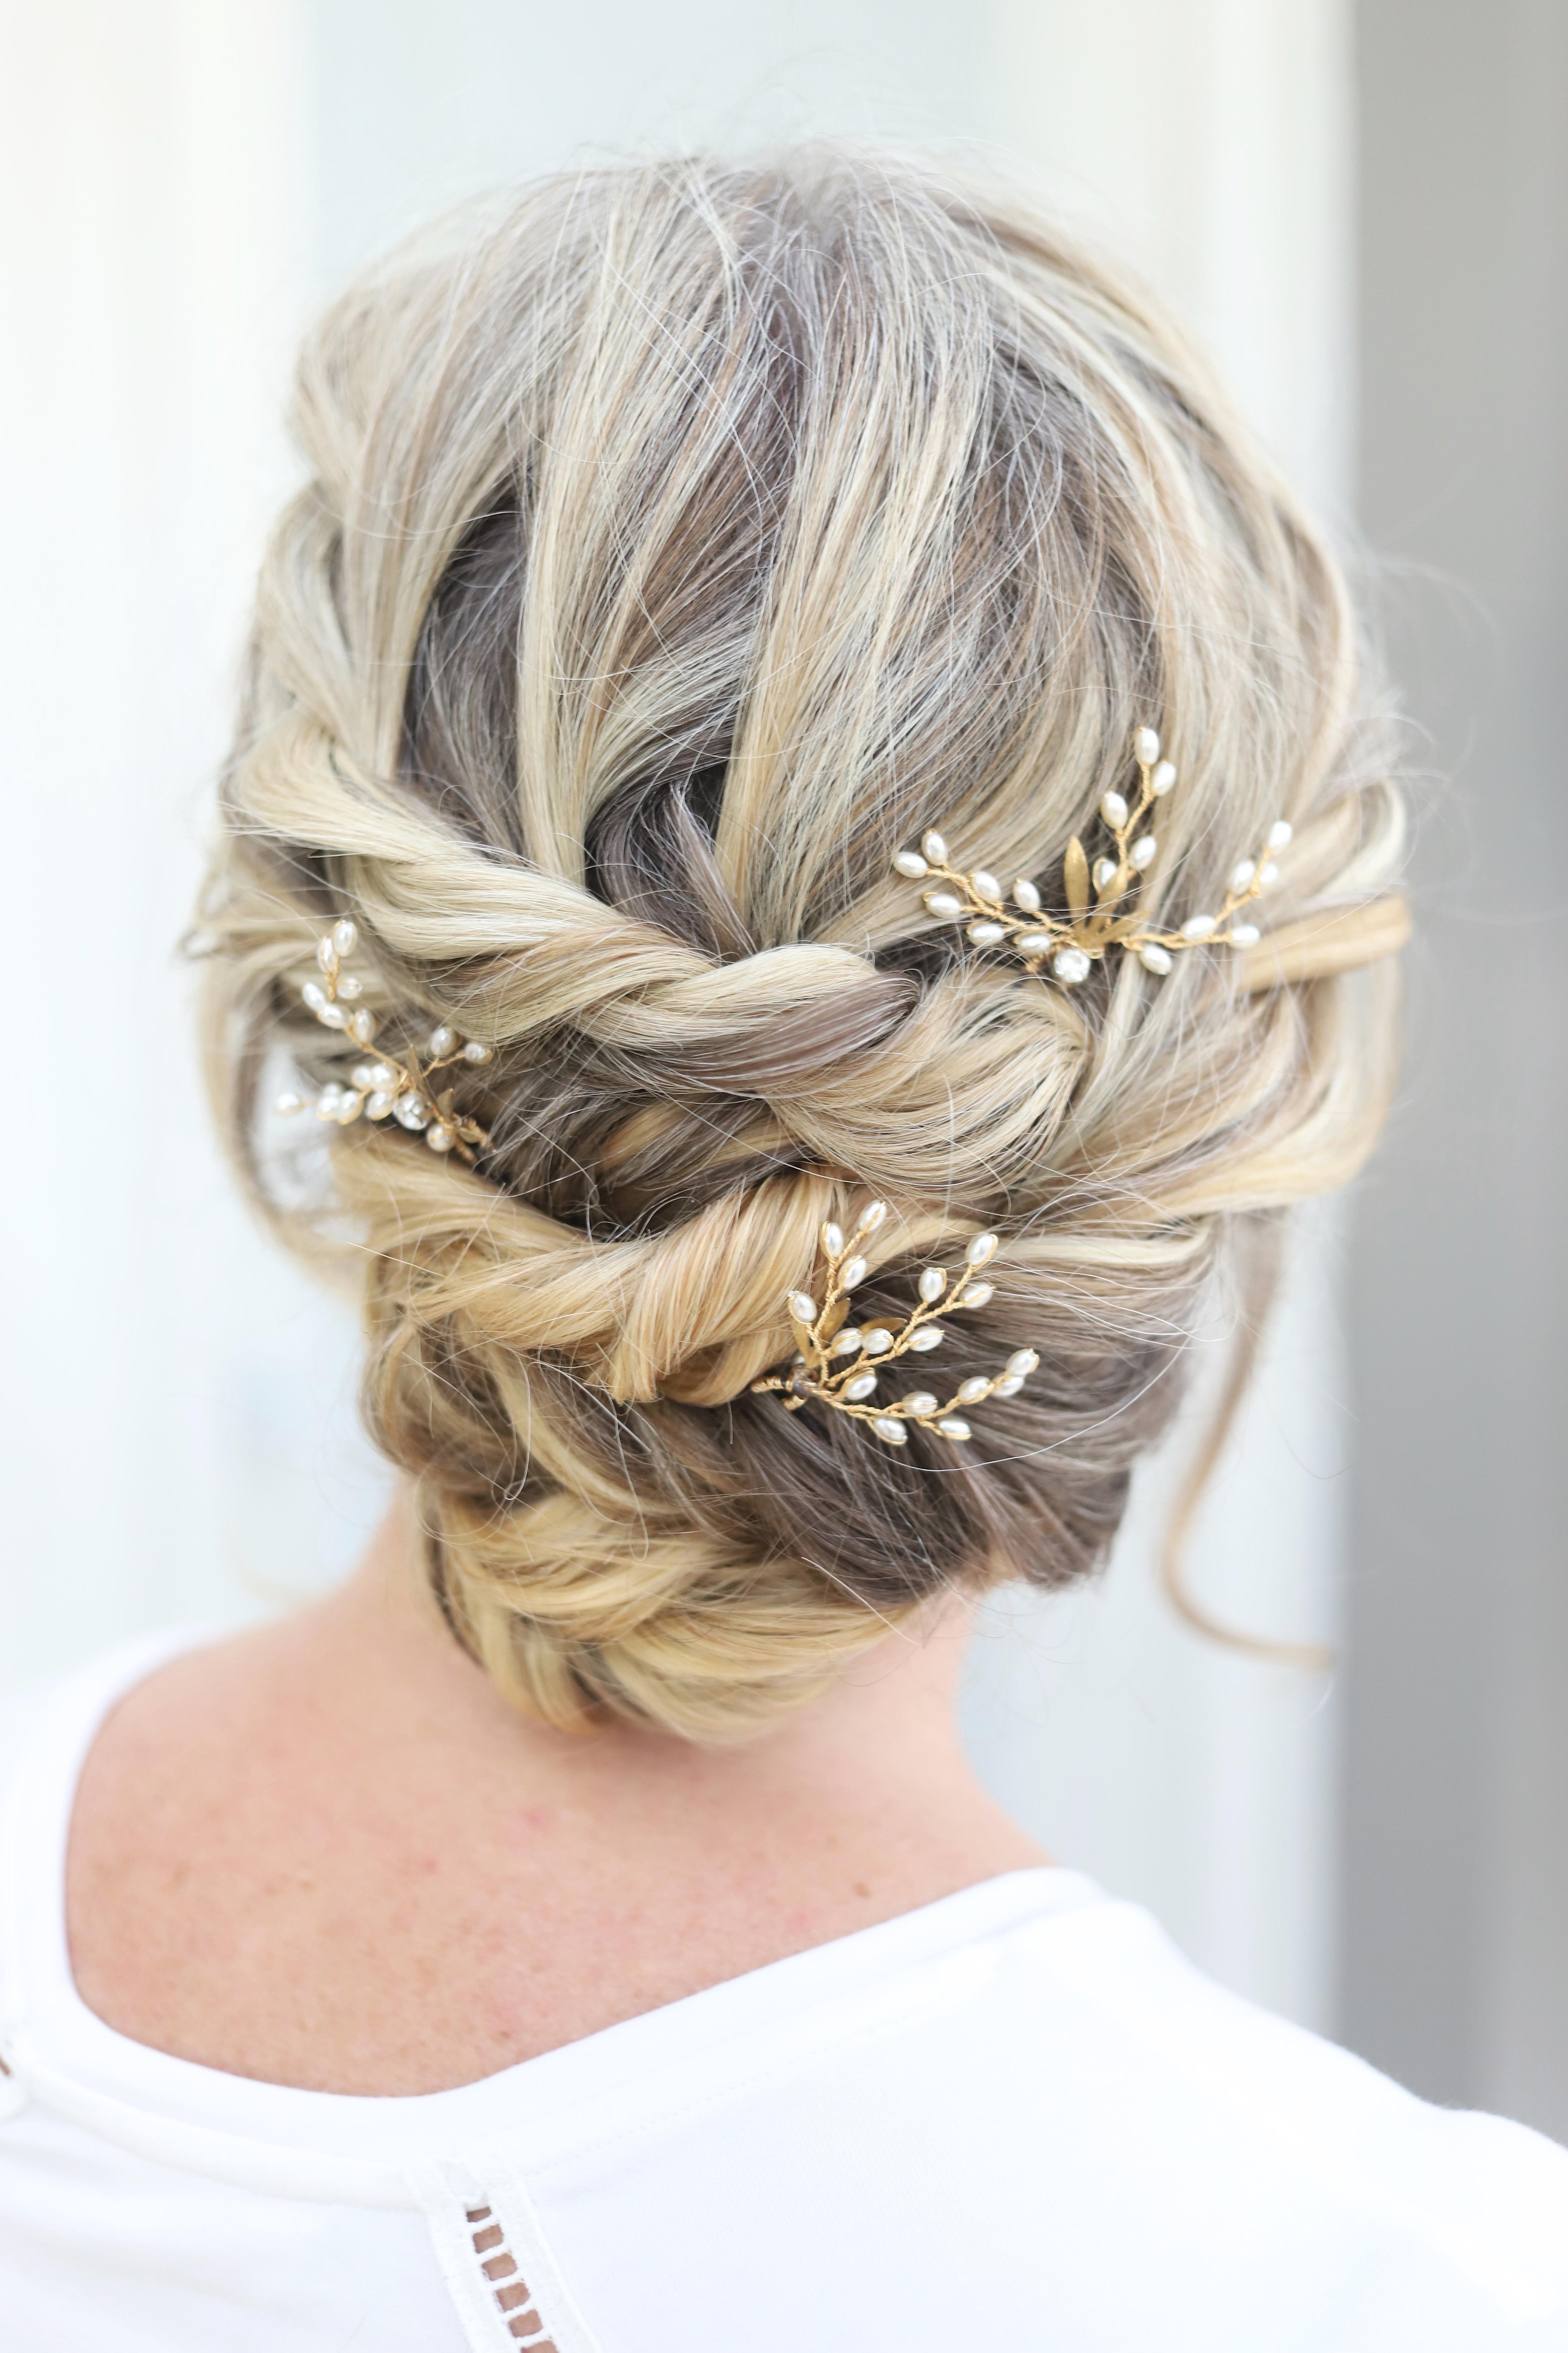 Bridal makeup+hair trial home visit